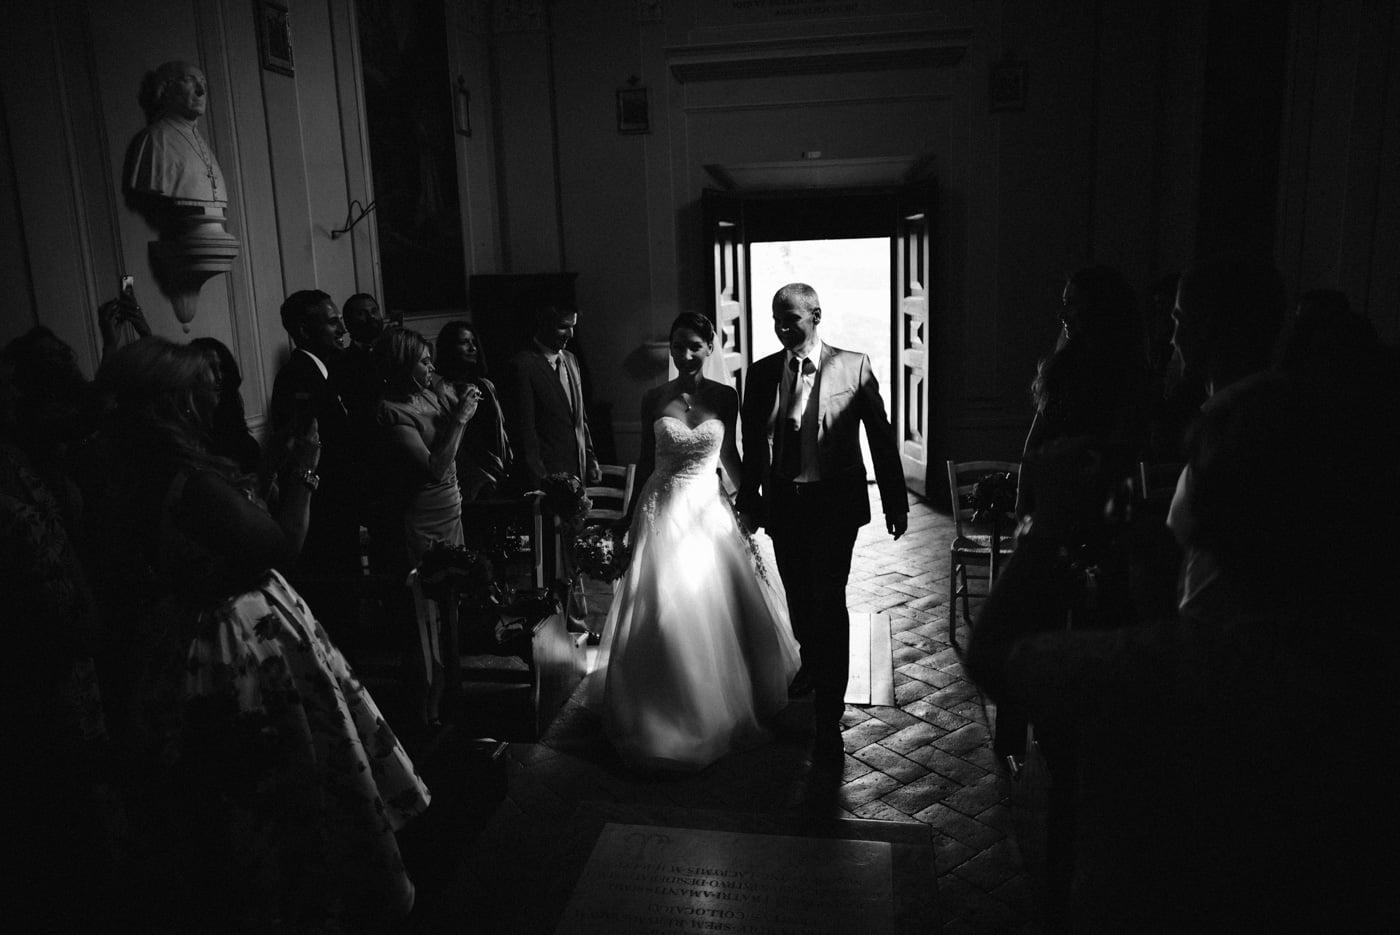 005-wedding-tuscany-rignana